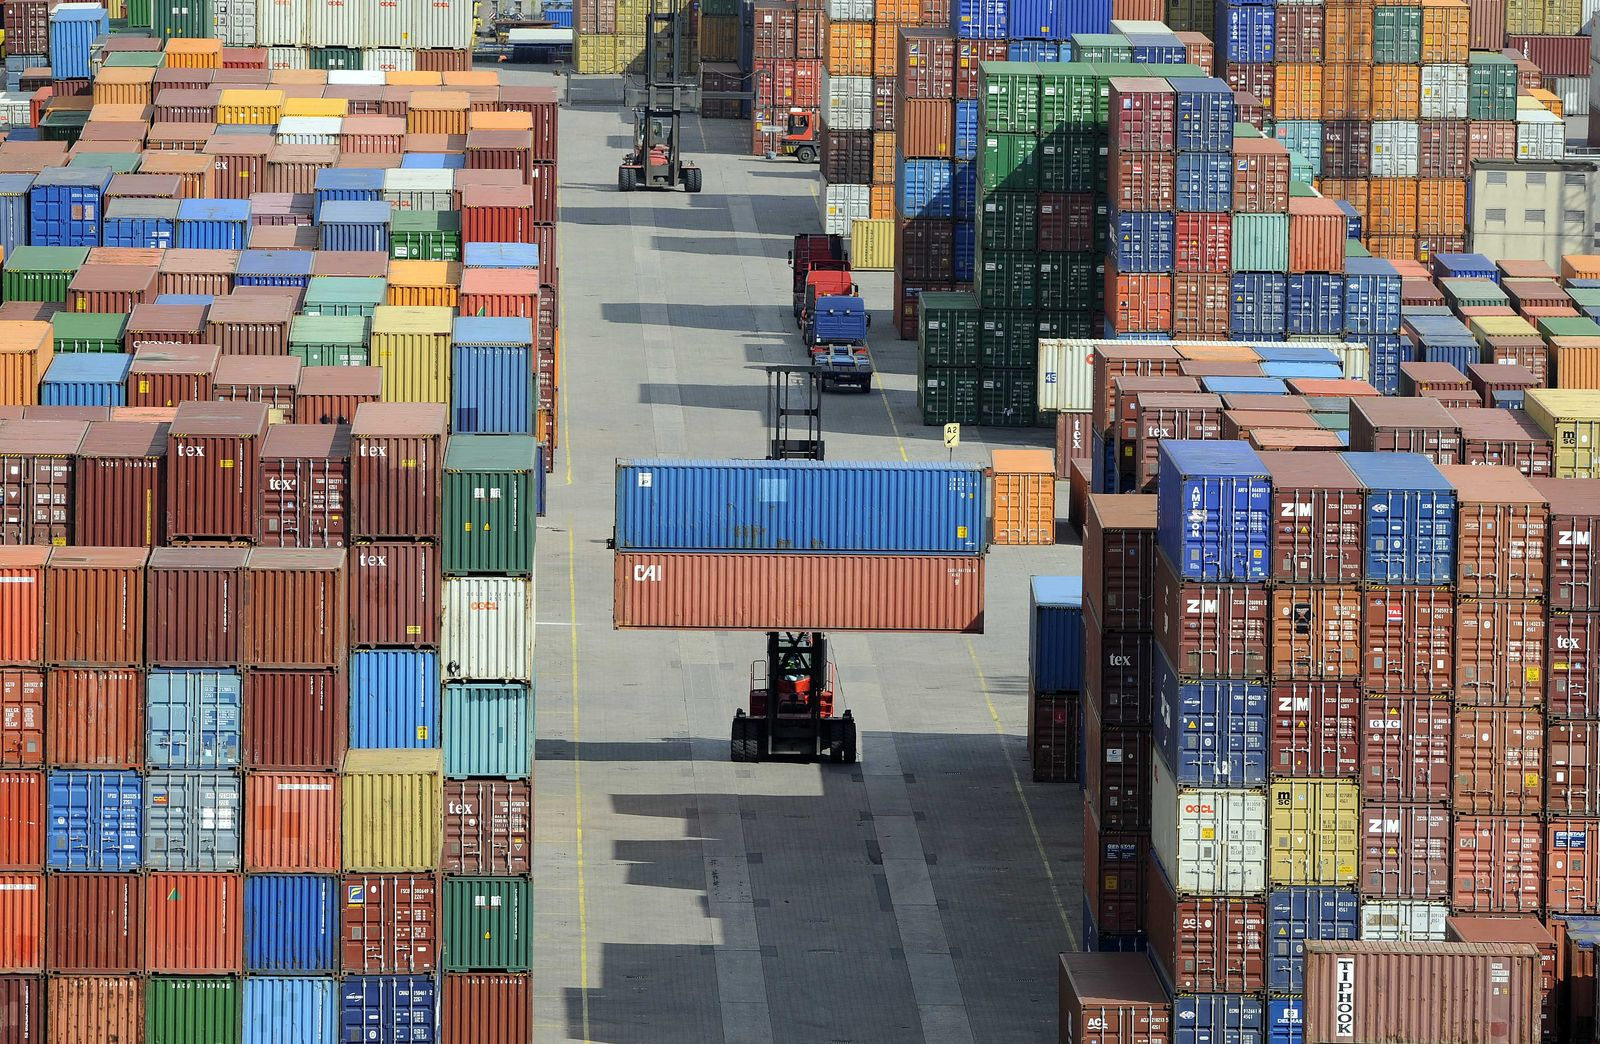 NICHT VERWENDEN Export/Konjunktur/Handel/Hafen/Import/Wachstum